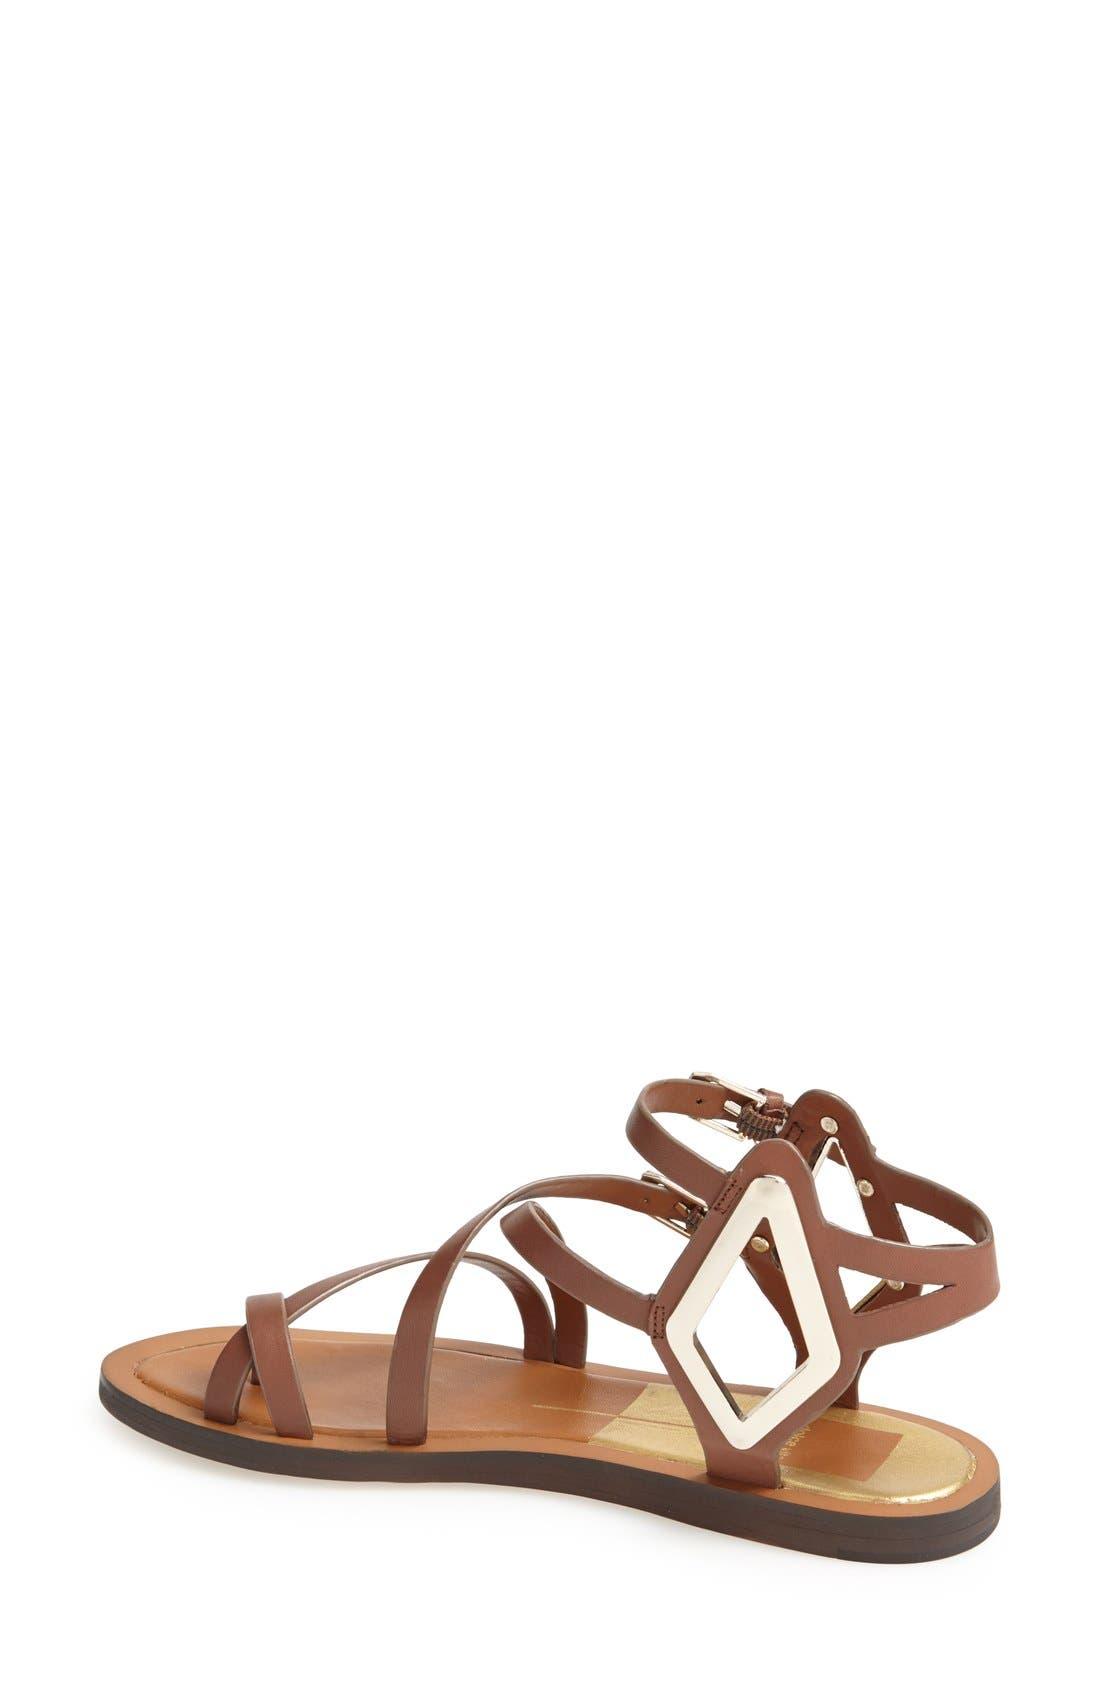 Alternate Image 2  - Dolce Vita 'Ferrah' Flat Leather Sandal (Women)